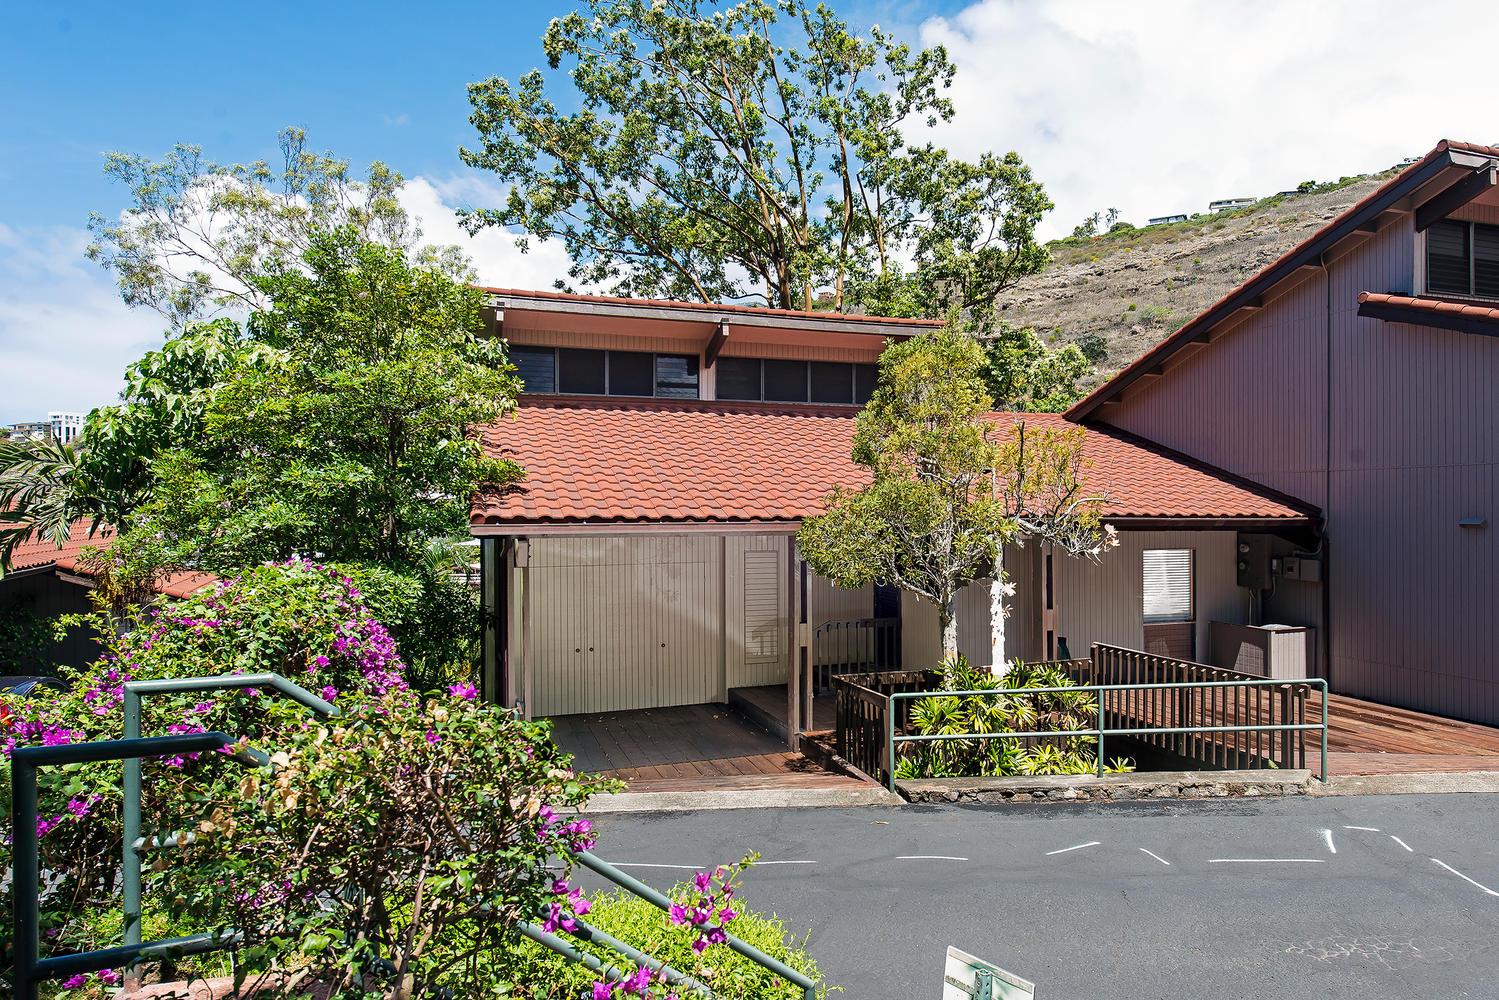 Condominium for Sale at Kahala Casual Elegance 1487 Hiikala Place, #15 Honolulu, Hawaii 96816 United States